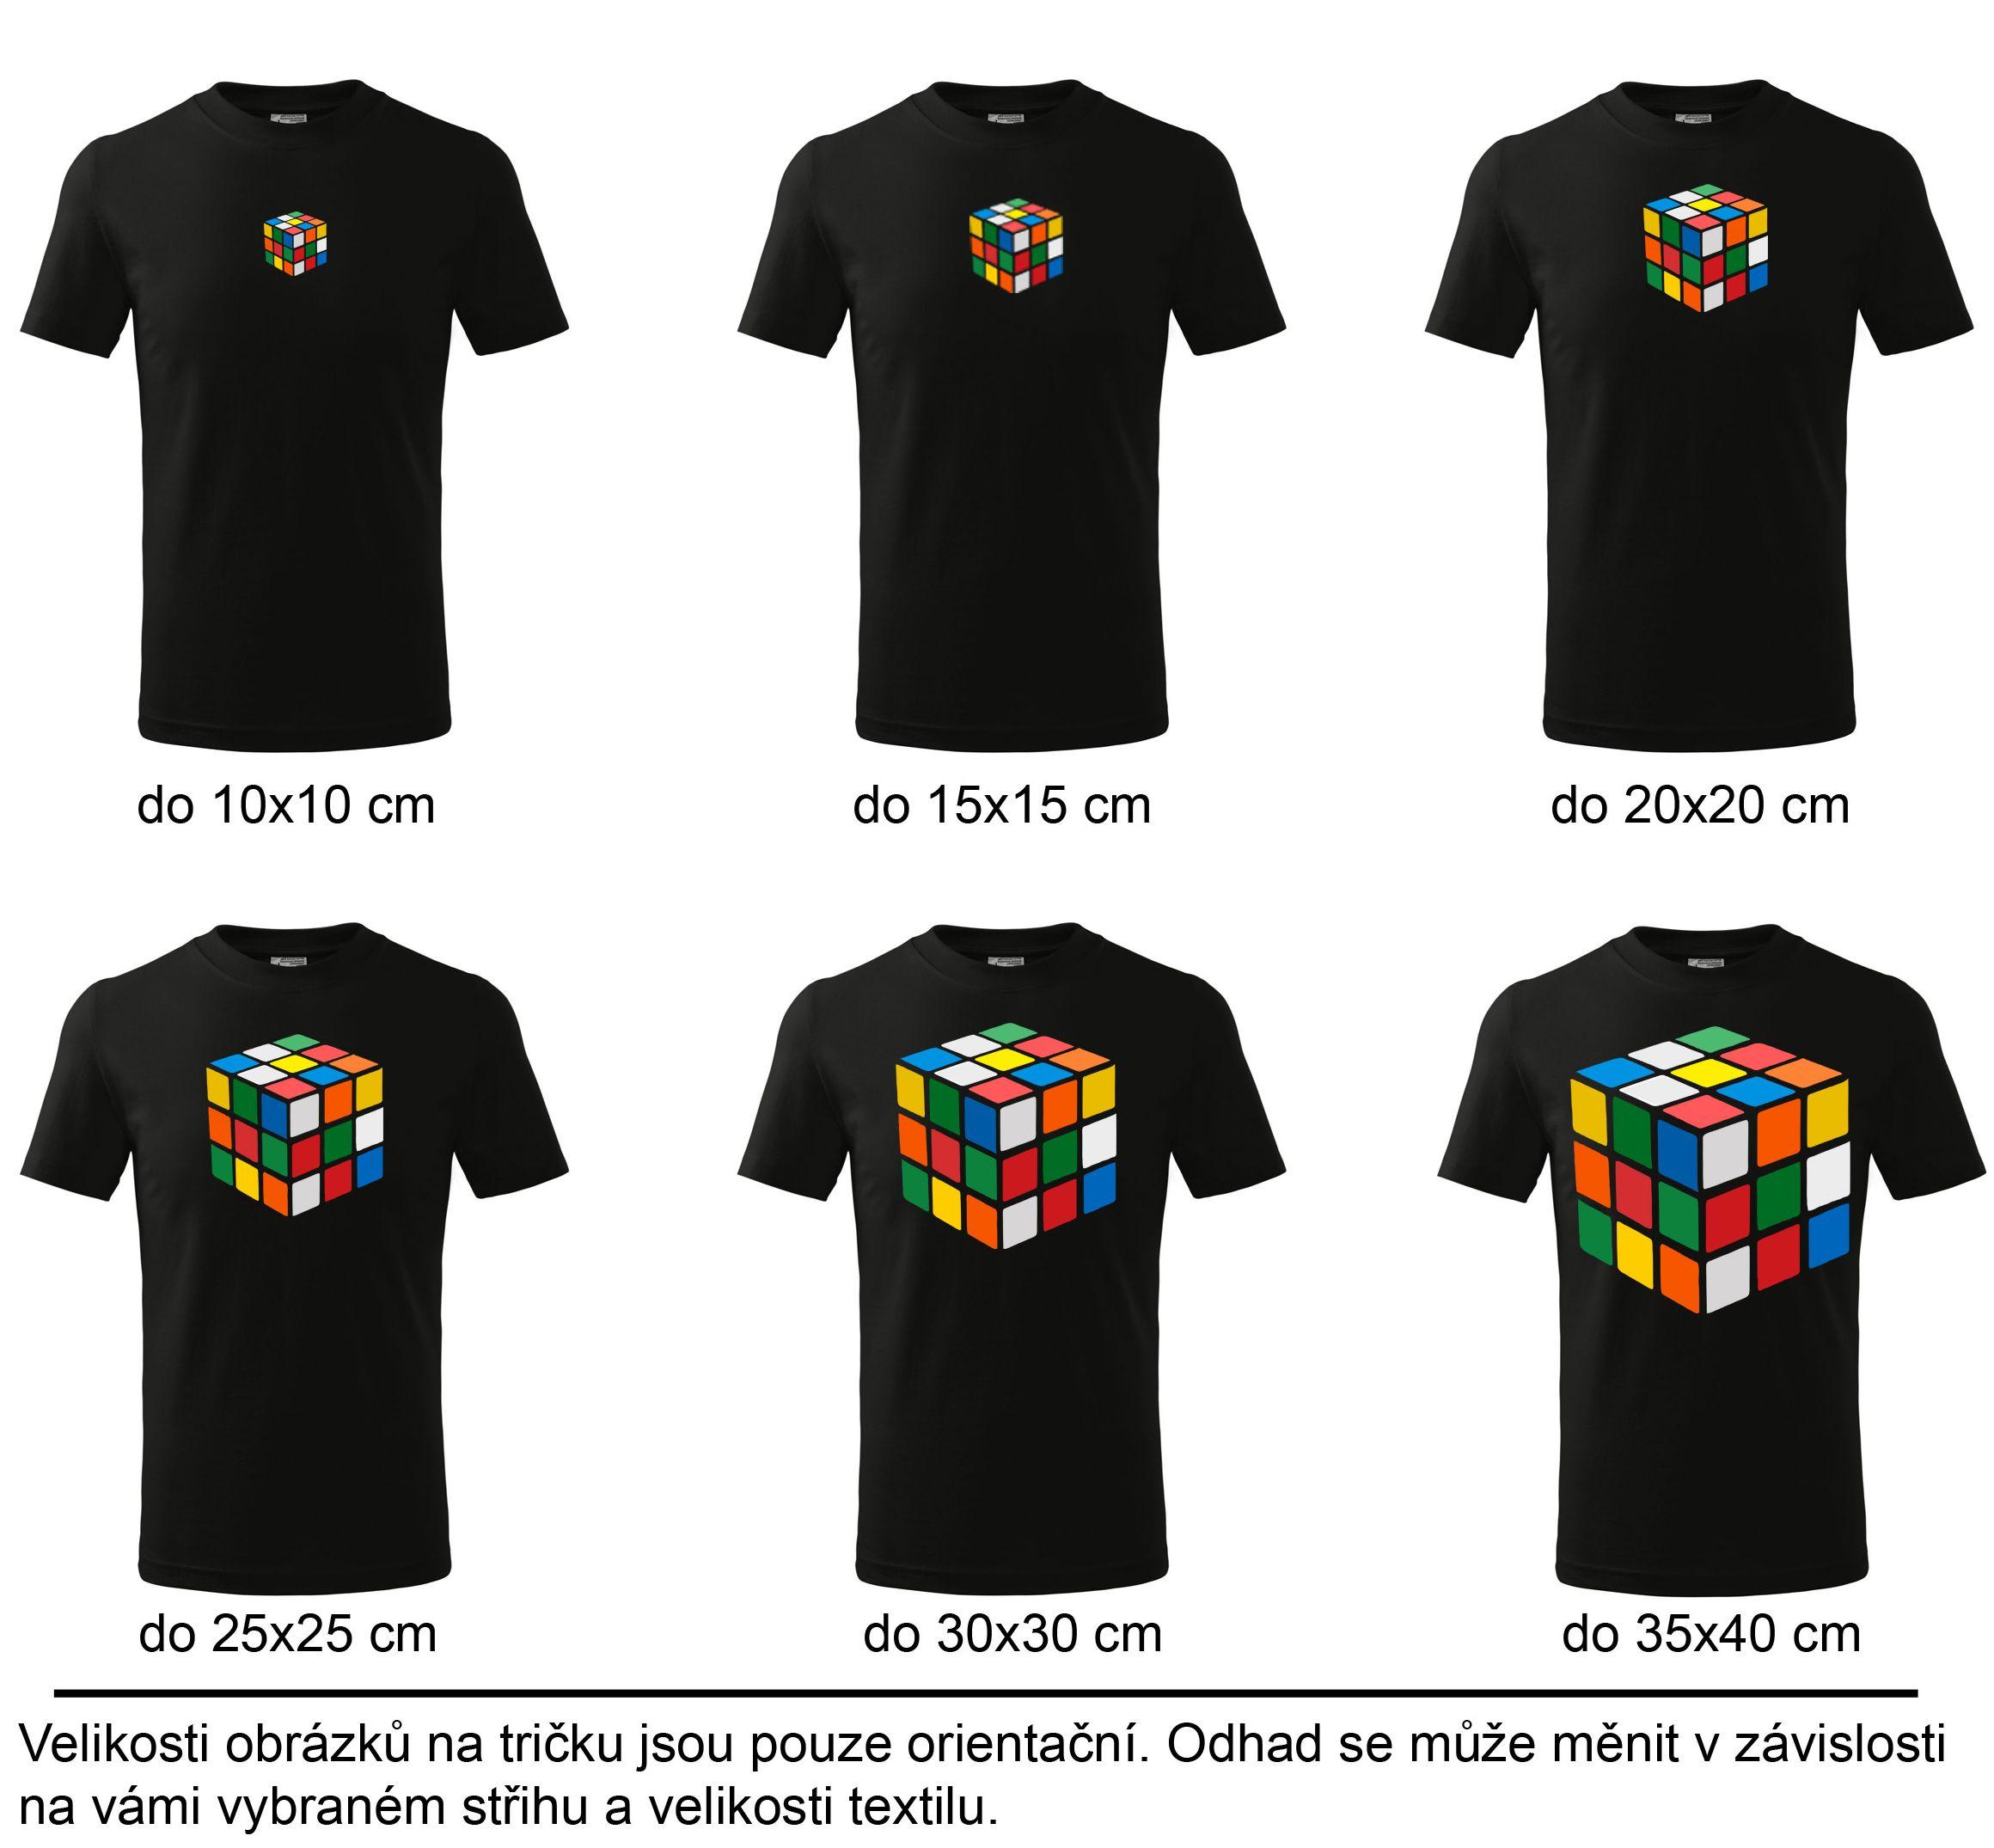 9c9bee0d18f Ceník potisku triček - cena triček s vlastní potiskem